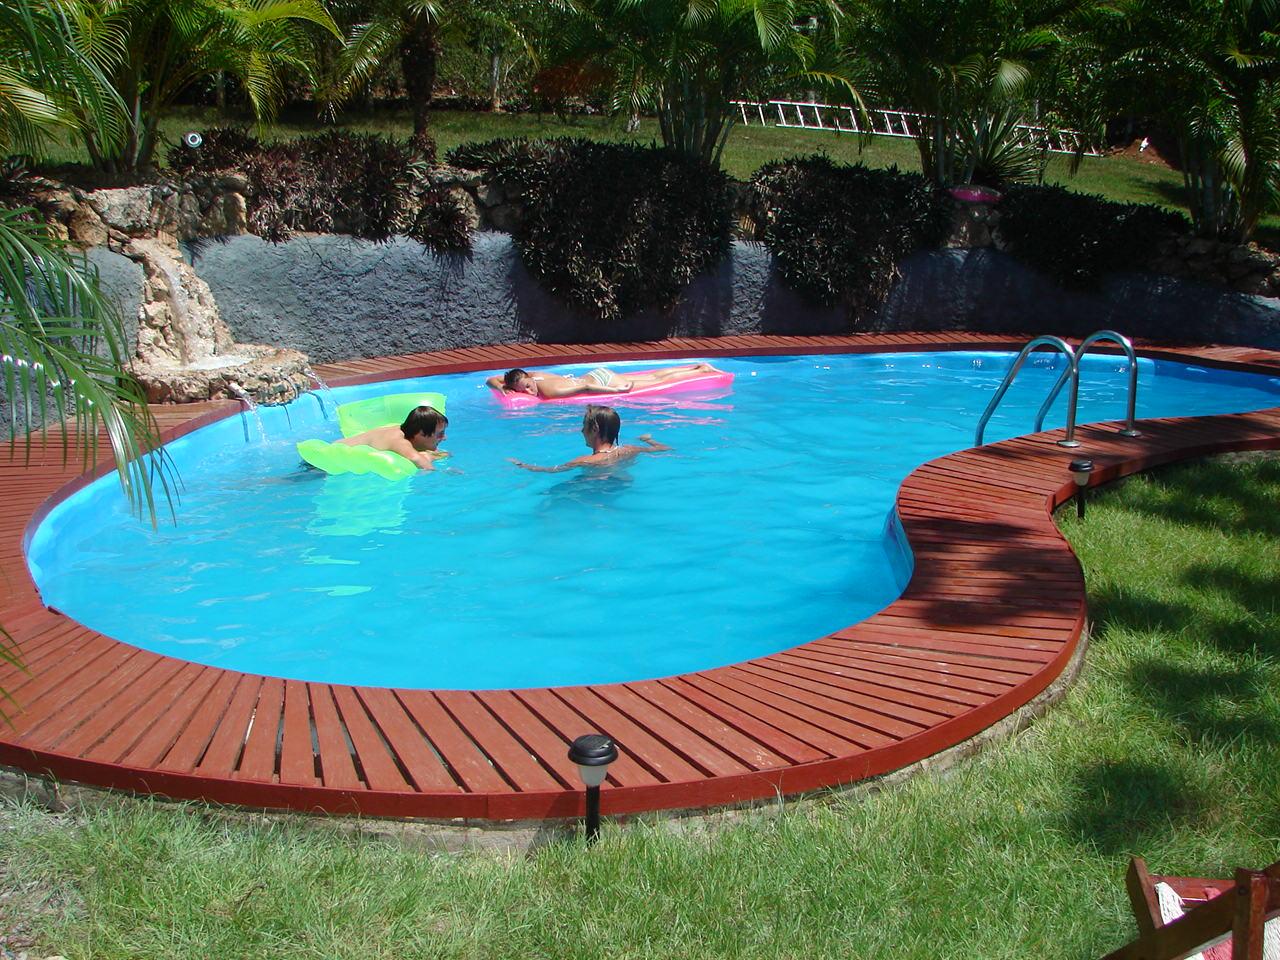 Choisir et faire construire sa piscine en hiver, un pari gagné pour y plonger cet été